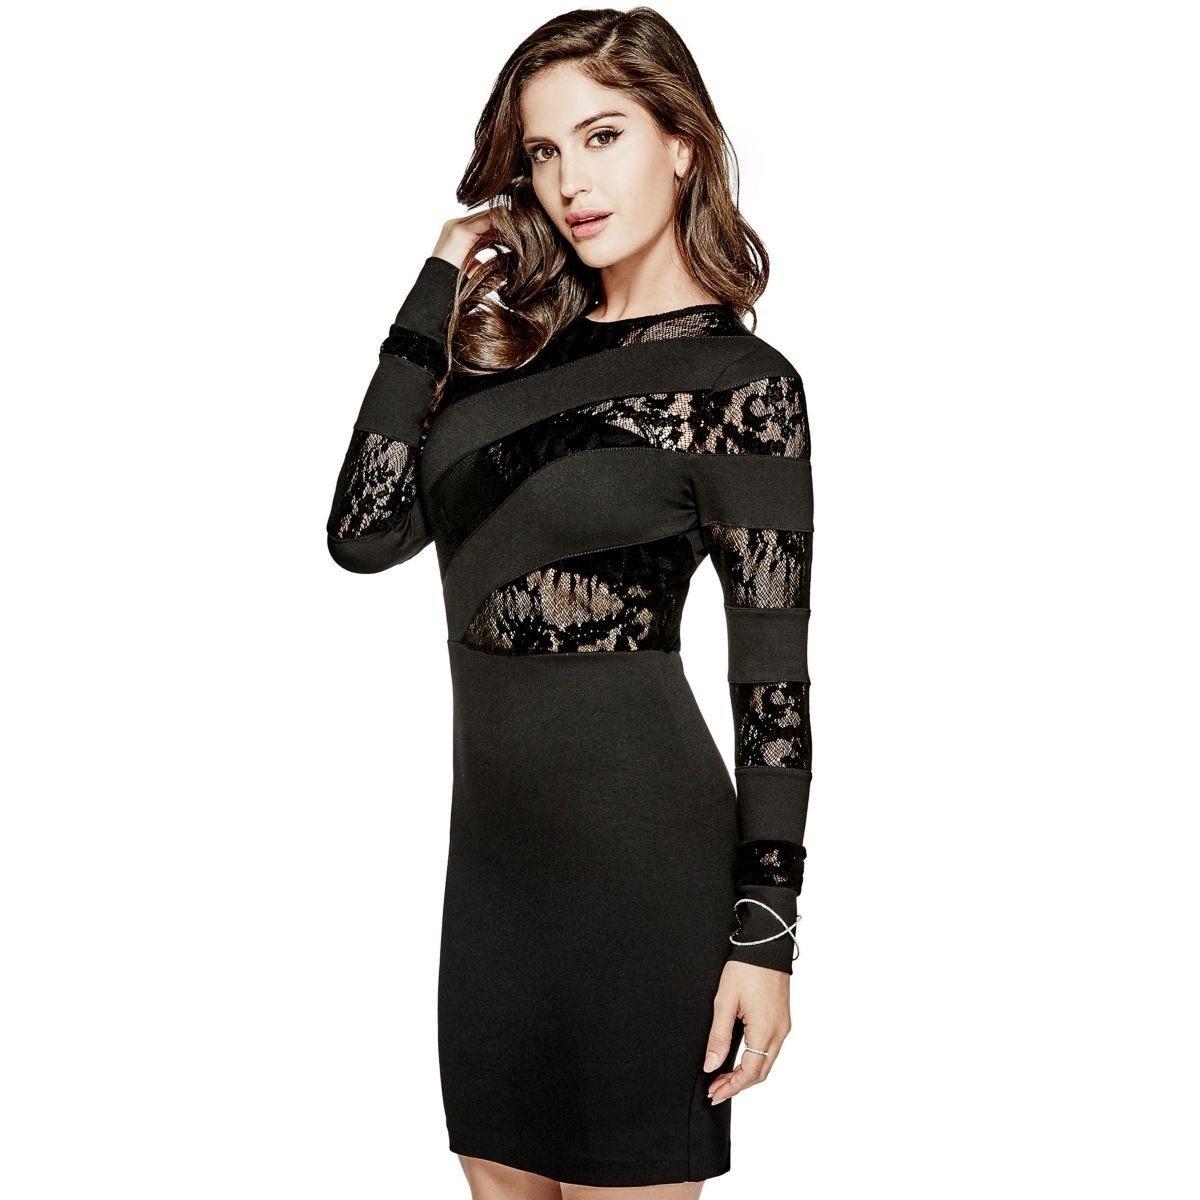 13 Schön Schöne Damen Kleider Design17 Top Schöne Damen Kleider Ärmel